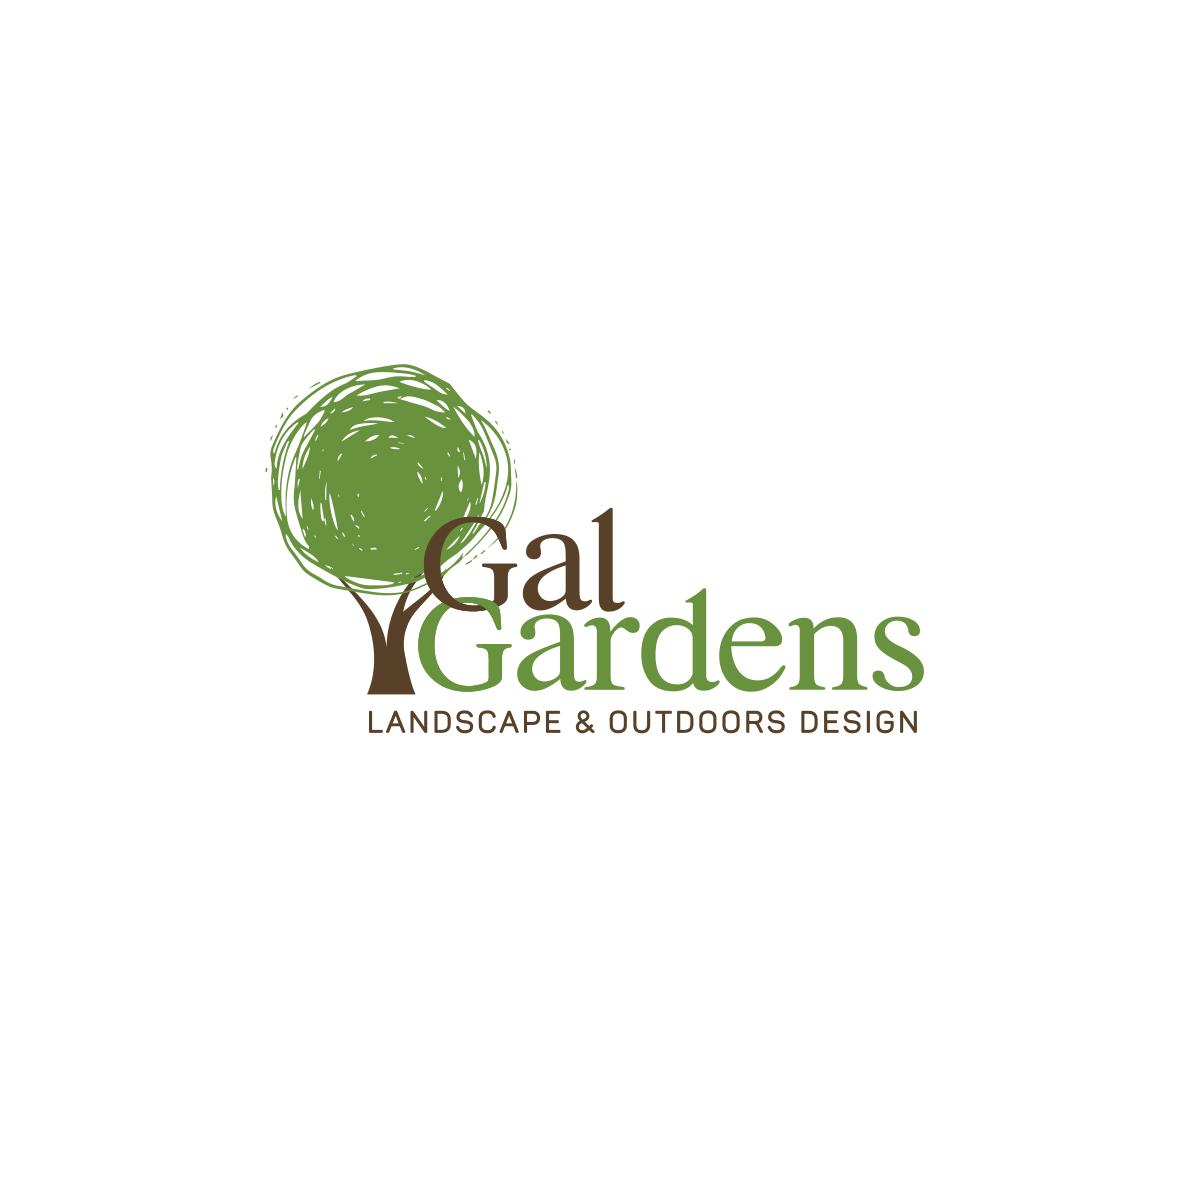 לוגו לגל גרדנס - גינון